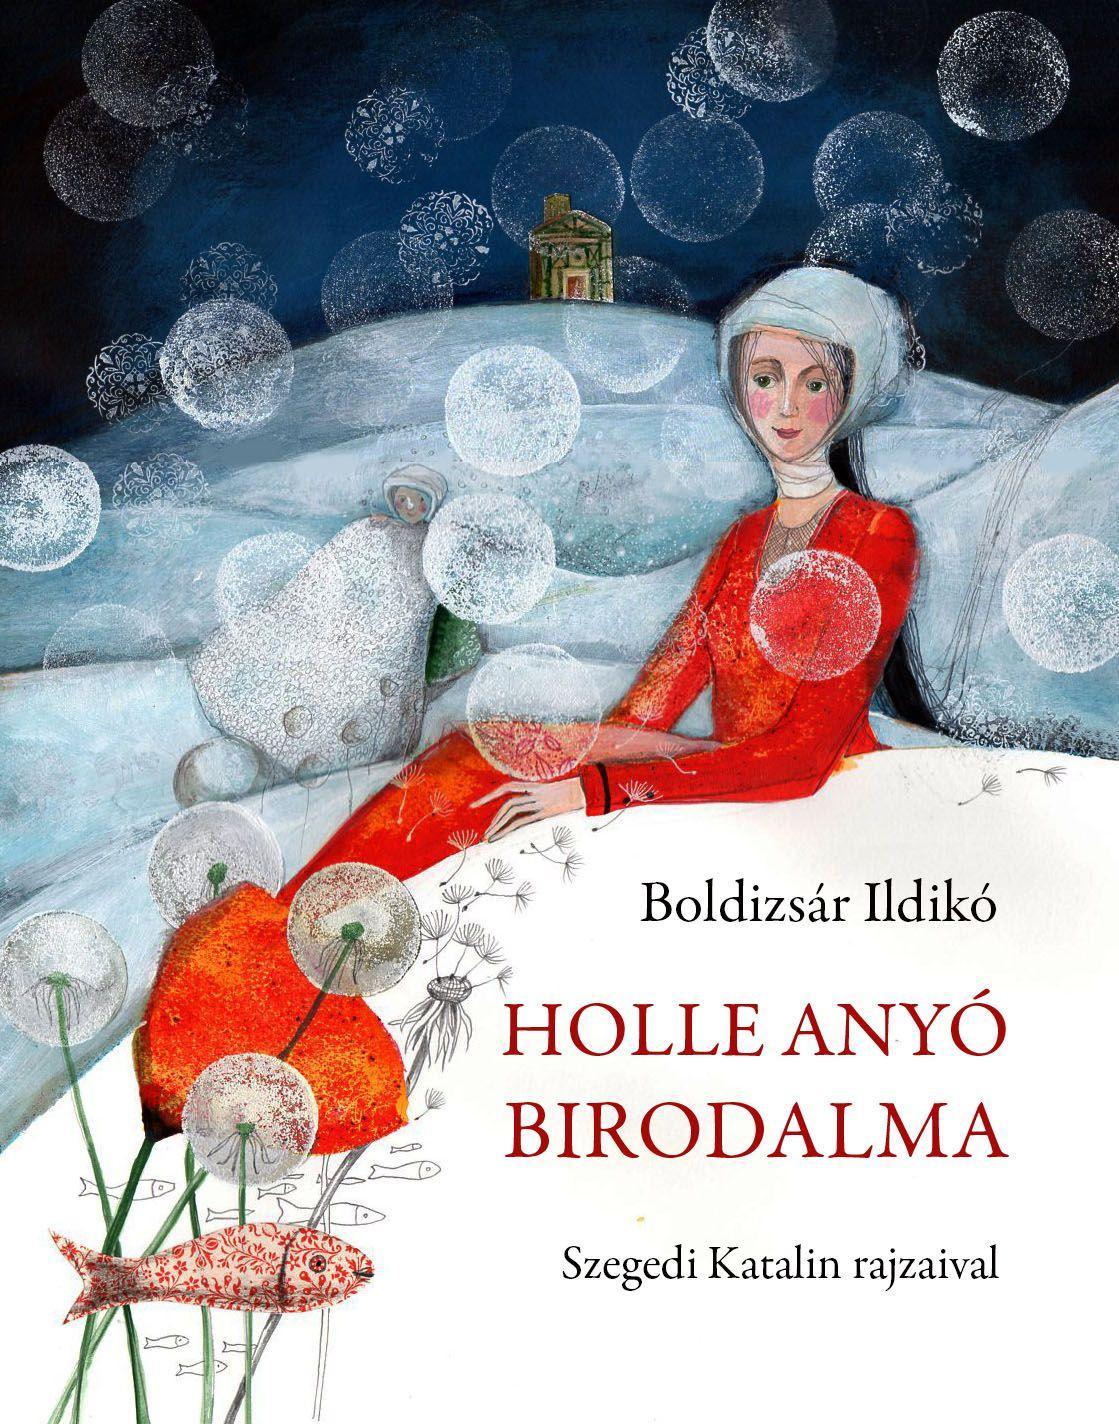 HOLLE ANYÓ BIRODALMA